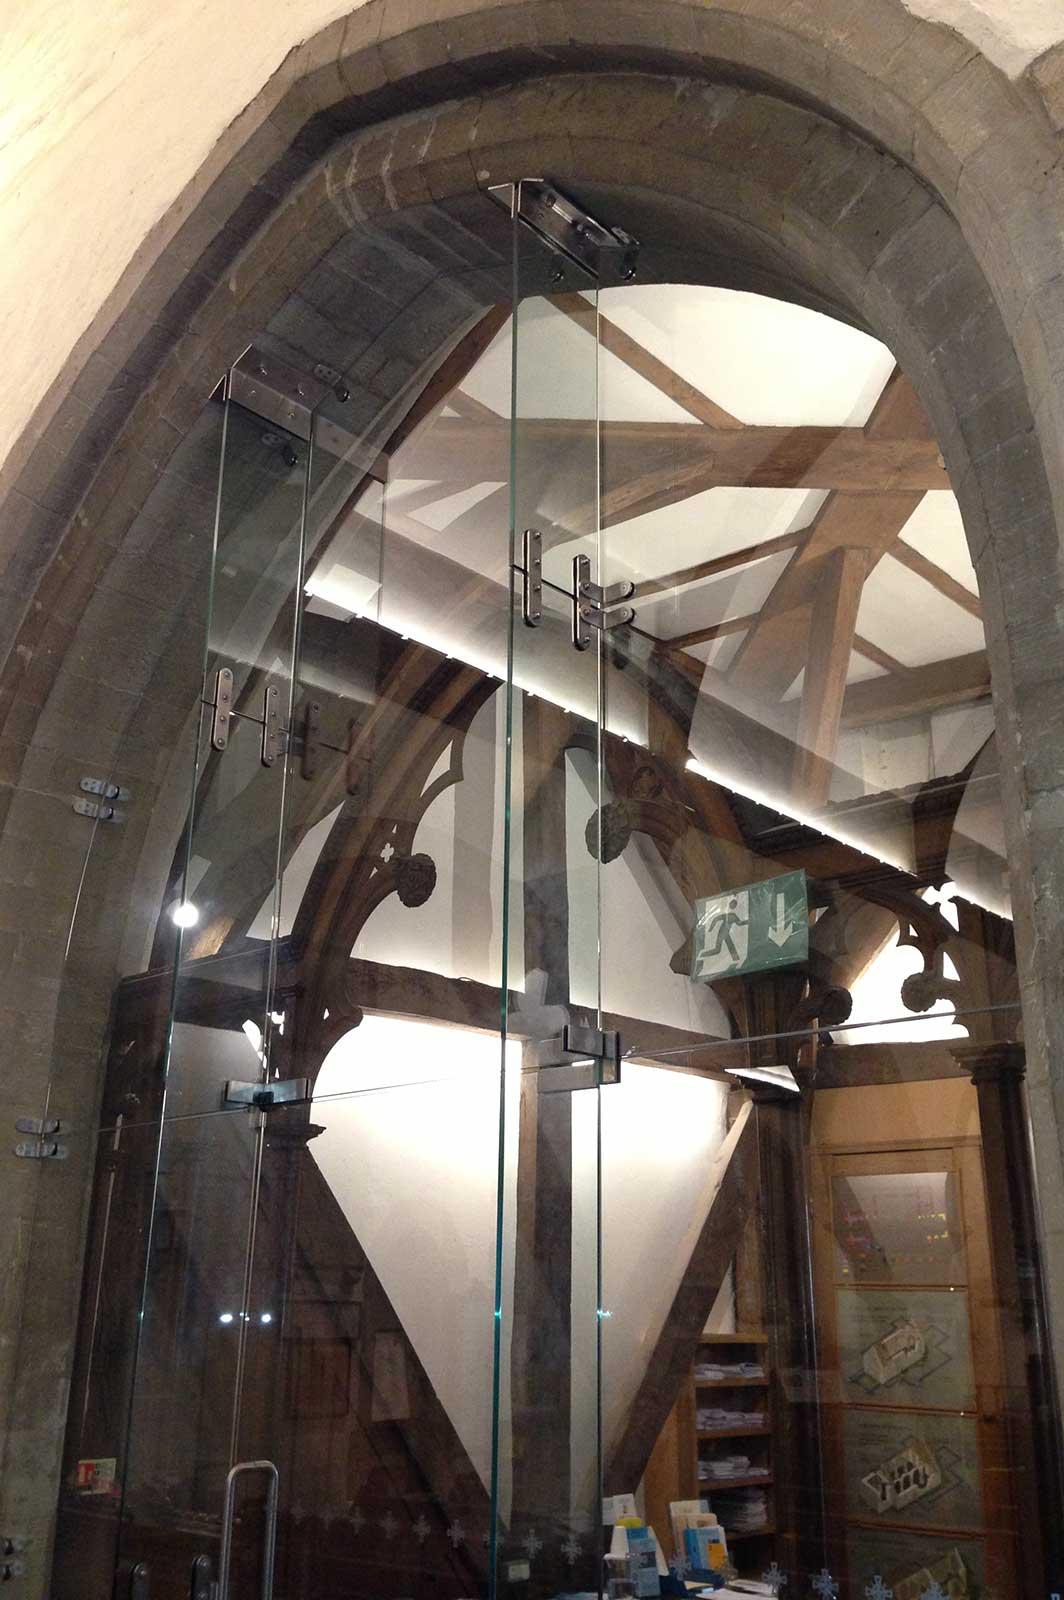 Frameless Glass Door with Glass Fins, St. Nicholas Church